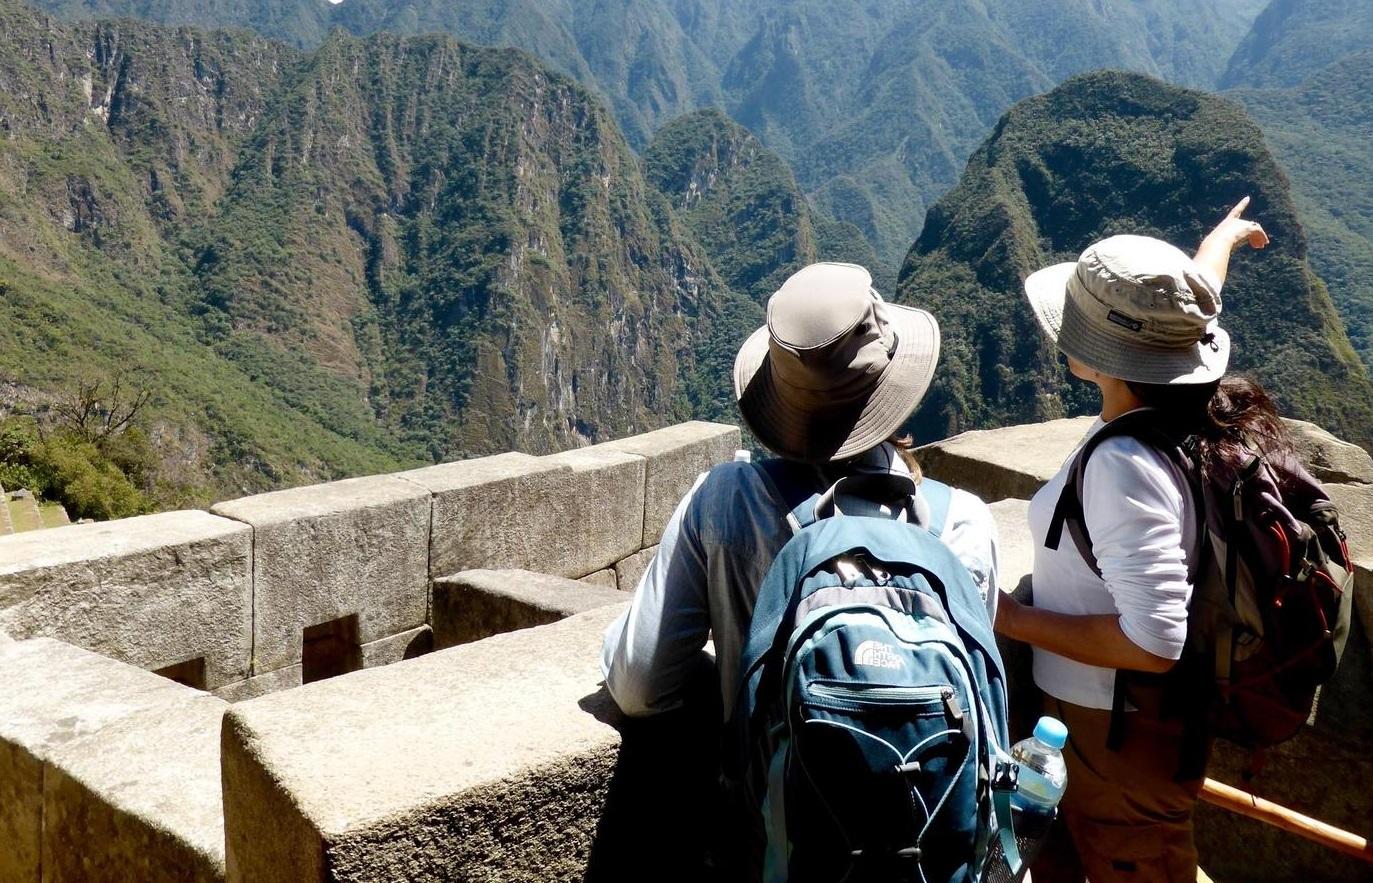 alternative-inca-trail-peru-inca-trail-to-machu-picchu-guide-pointing-over-mountains2